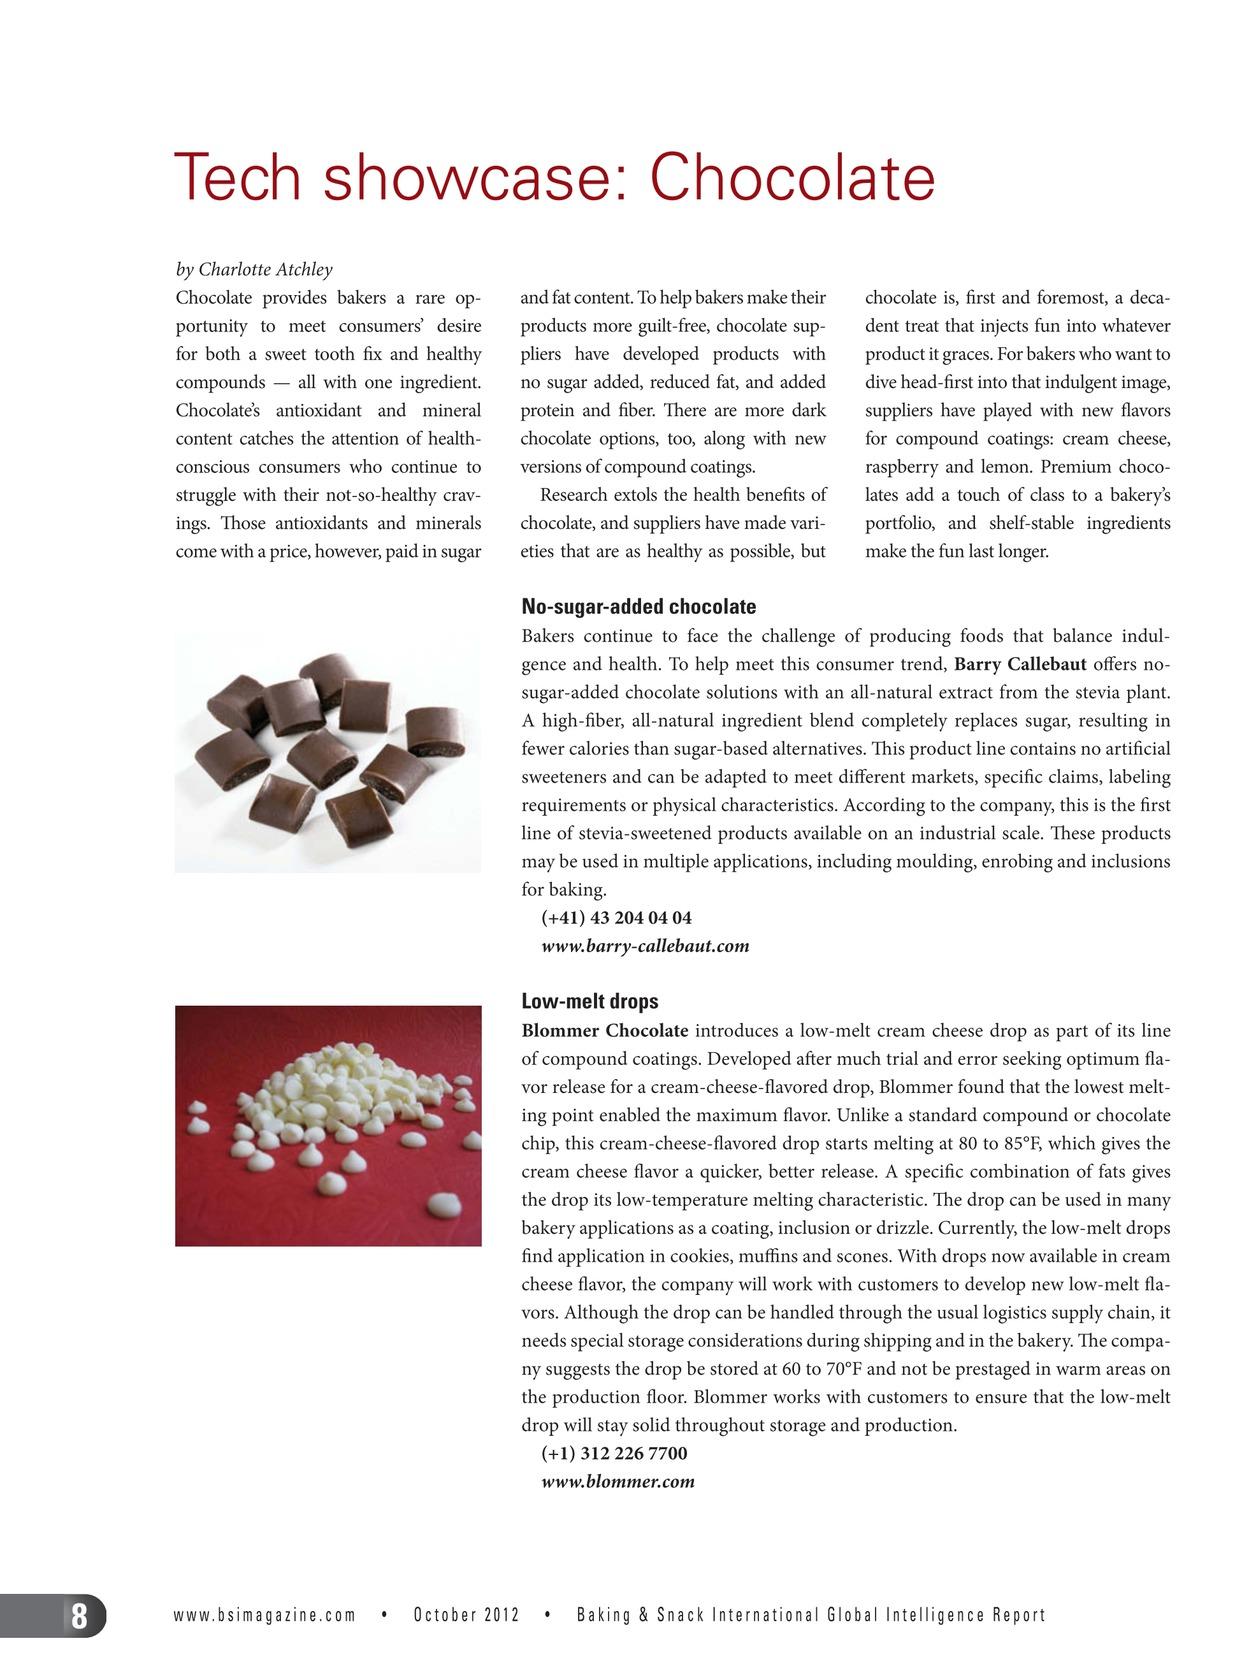 Baking&Snack International - October 2012